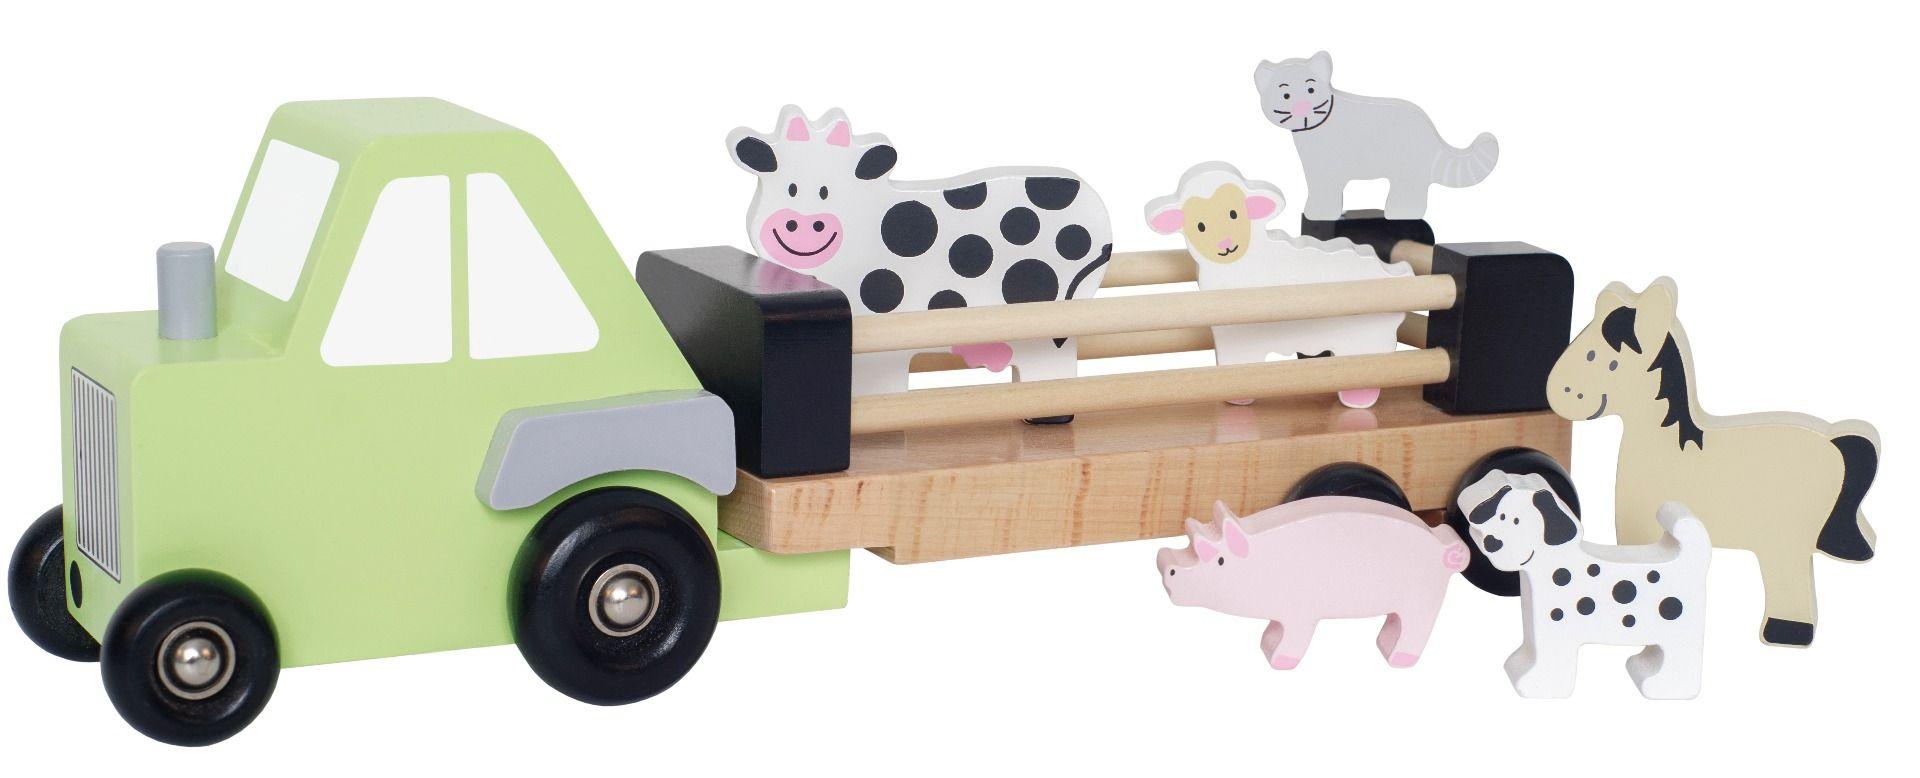 Holz Auto Truck Bauernhof Tiertransporter